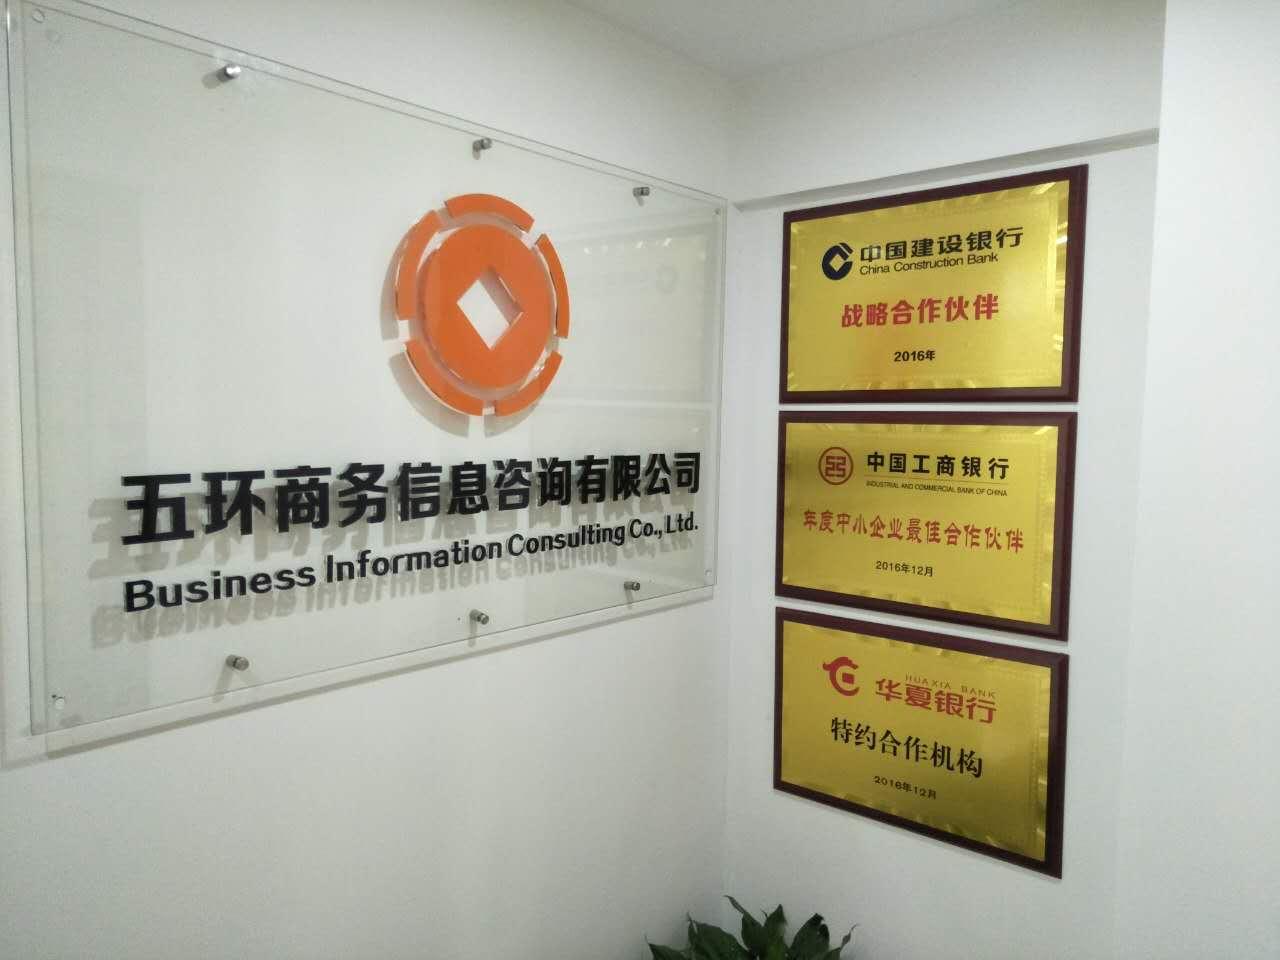 郴州市五环商务信息咨询有限公司